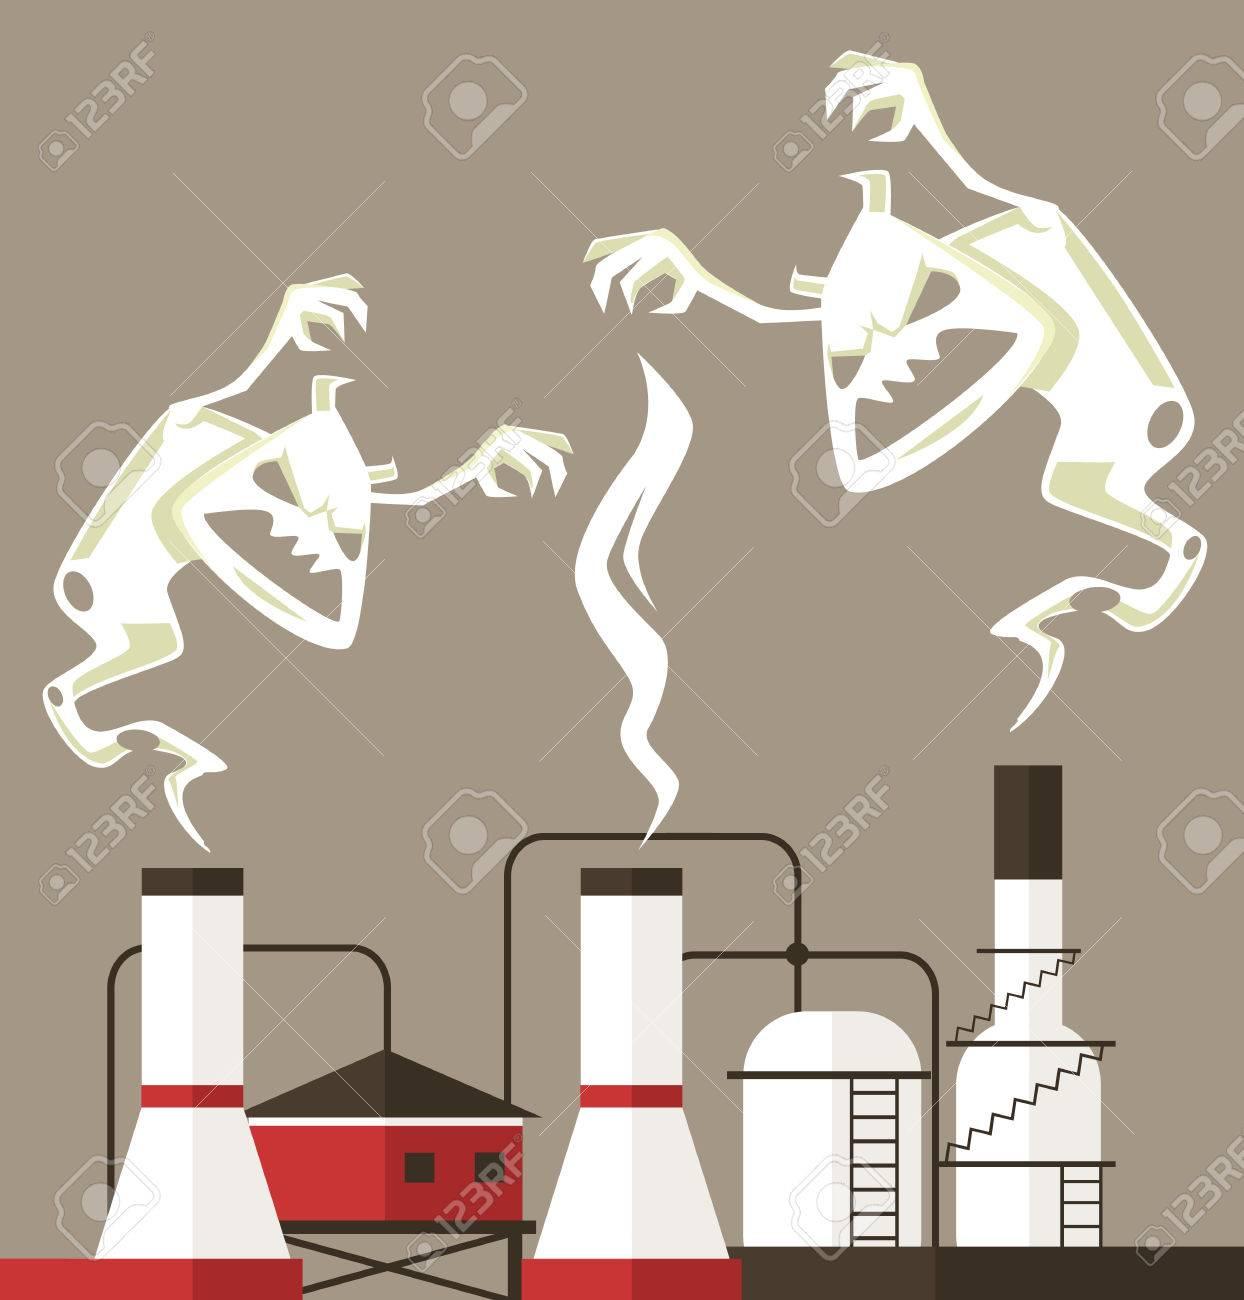 大気汚染煙のモンスターベクトル フラット漫画イラストのイラスト